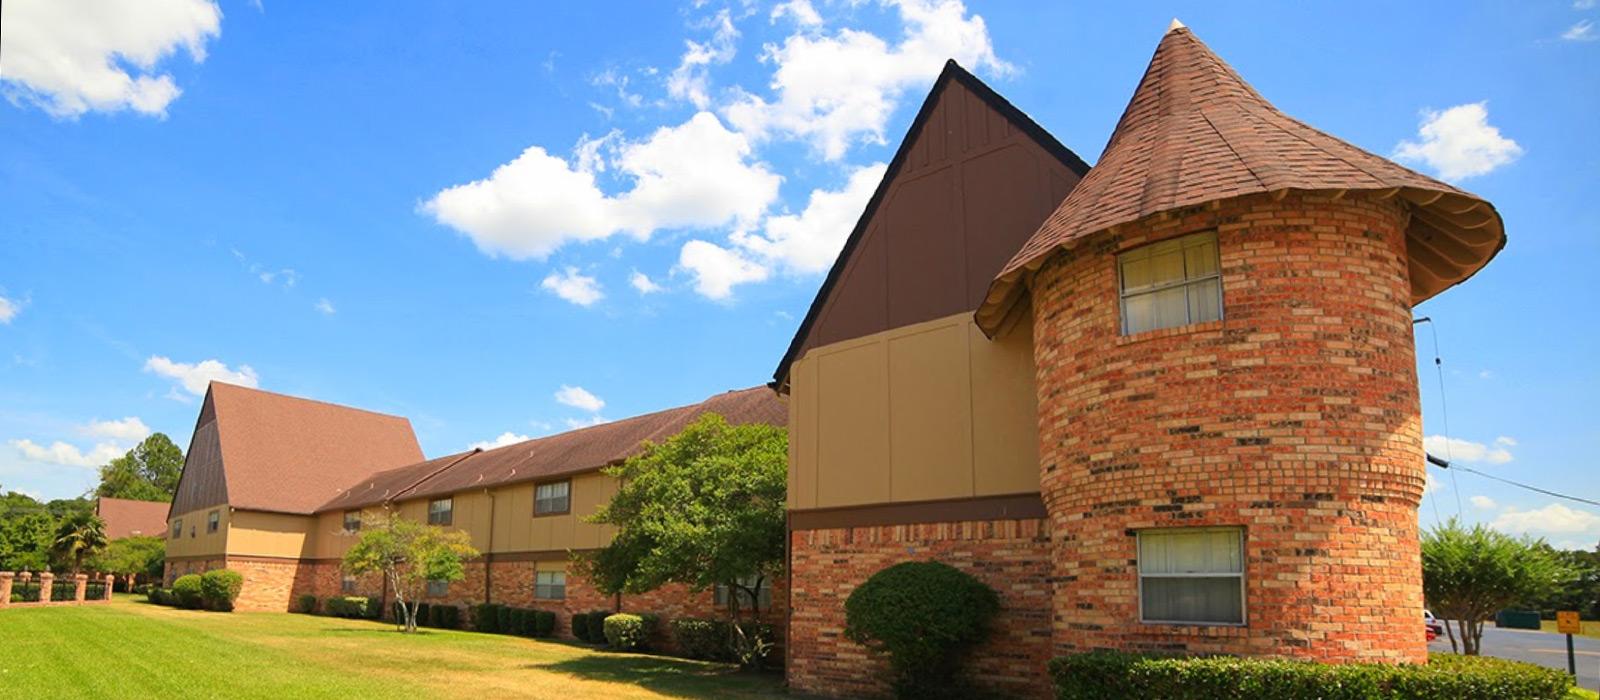 Castlewood Apartments slide